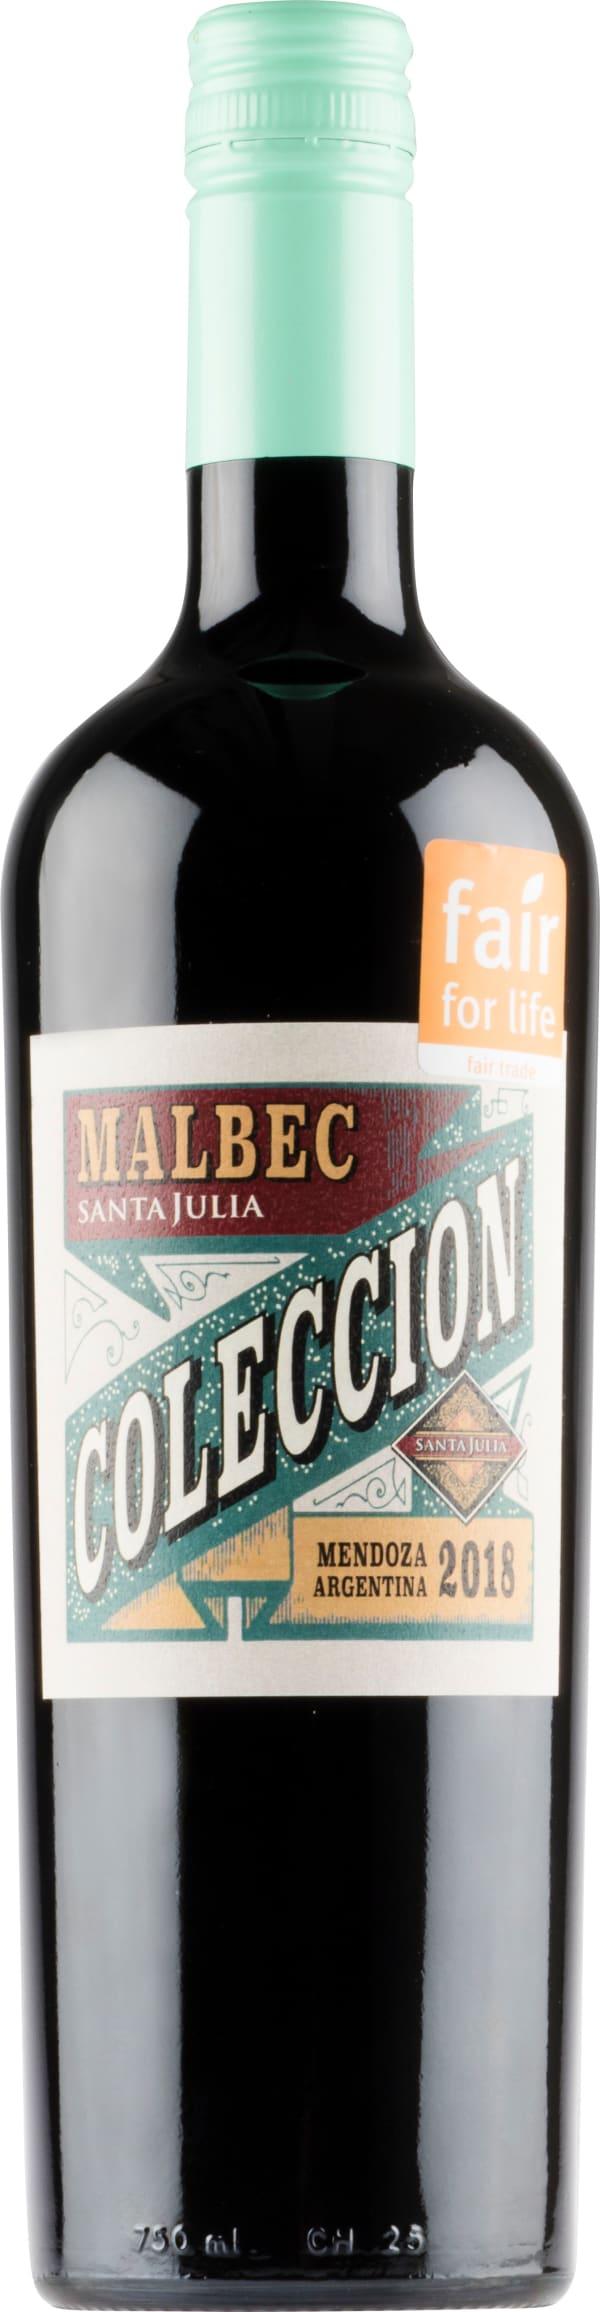 Santa Julia Colección Malbec 2018